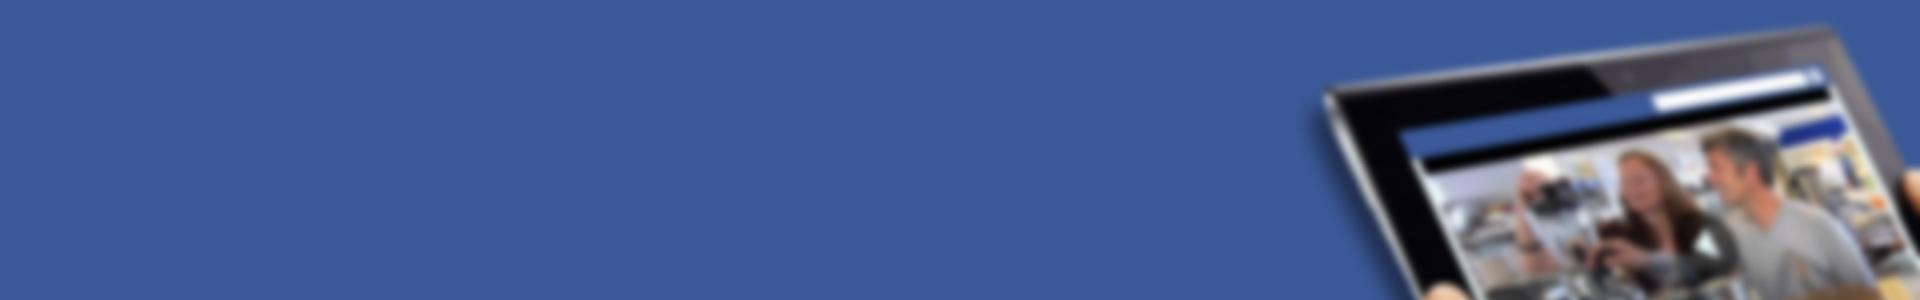 Video Til Facebook-videoannoncering